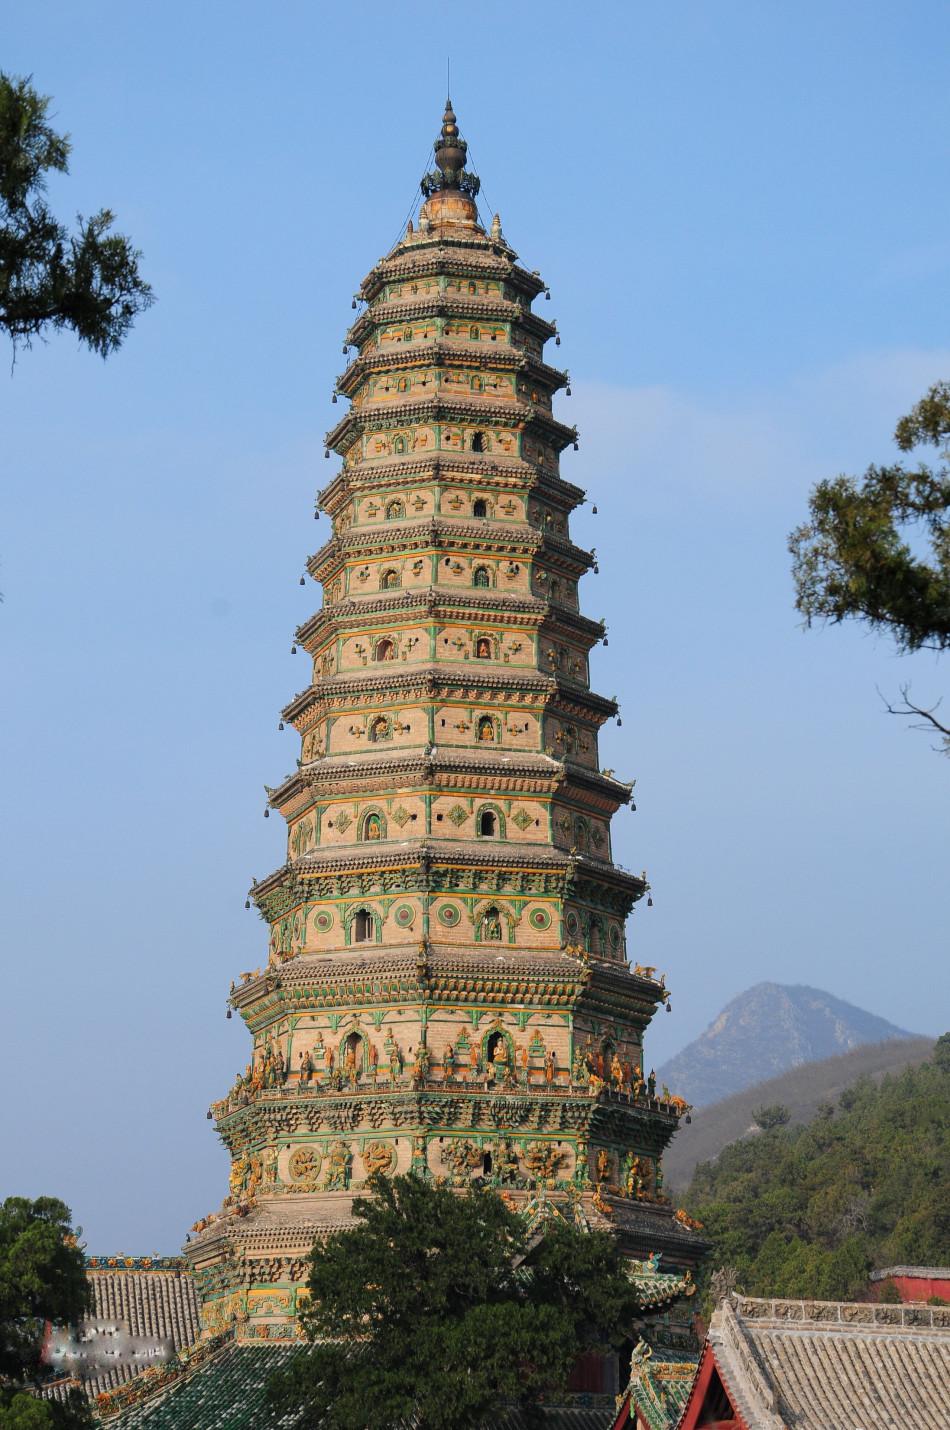 著名中国古代佛塔大盘点飞虹塔[ 来源:新浪佛学  发布日期:2016-05-25 &nbsp浏览()人次  投稿  收藏 ]    飞虹塔始建于汉代,前身是阿育王塔。是中国最大最完整的一座琉璃塔。塔平面八边形,是有十三檐的楼阁式佛塔,高47.6米。除底层为木回廊外,其他均用青砖砌成,各层皆有出檐。由于其塔身五彩斑斓如雨后彩虹,故名飞虹塔。 (编辑:李华)